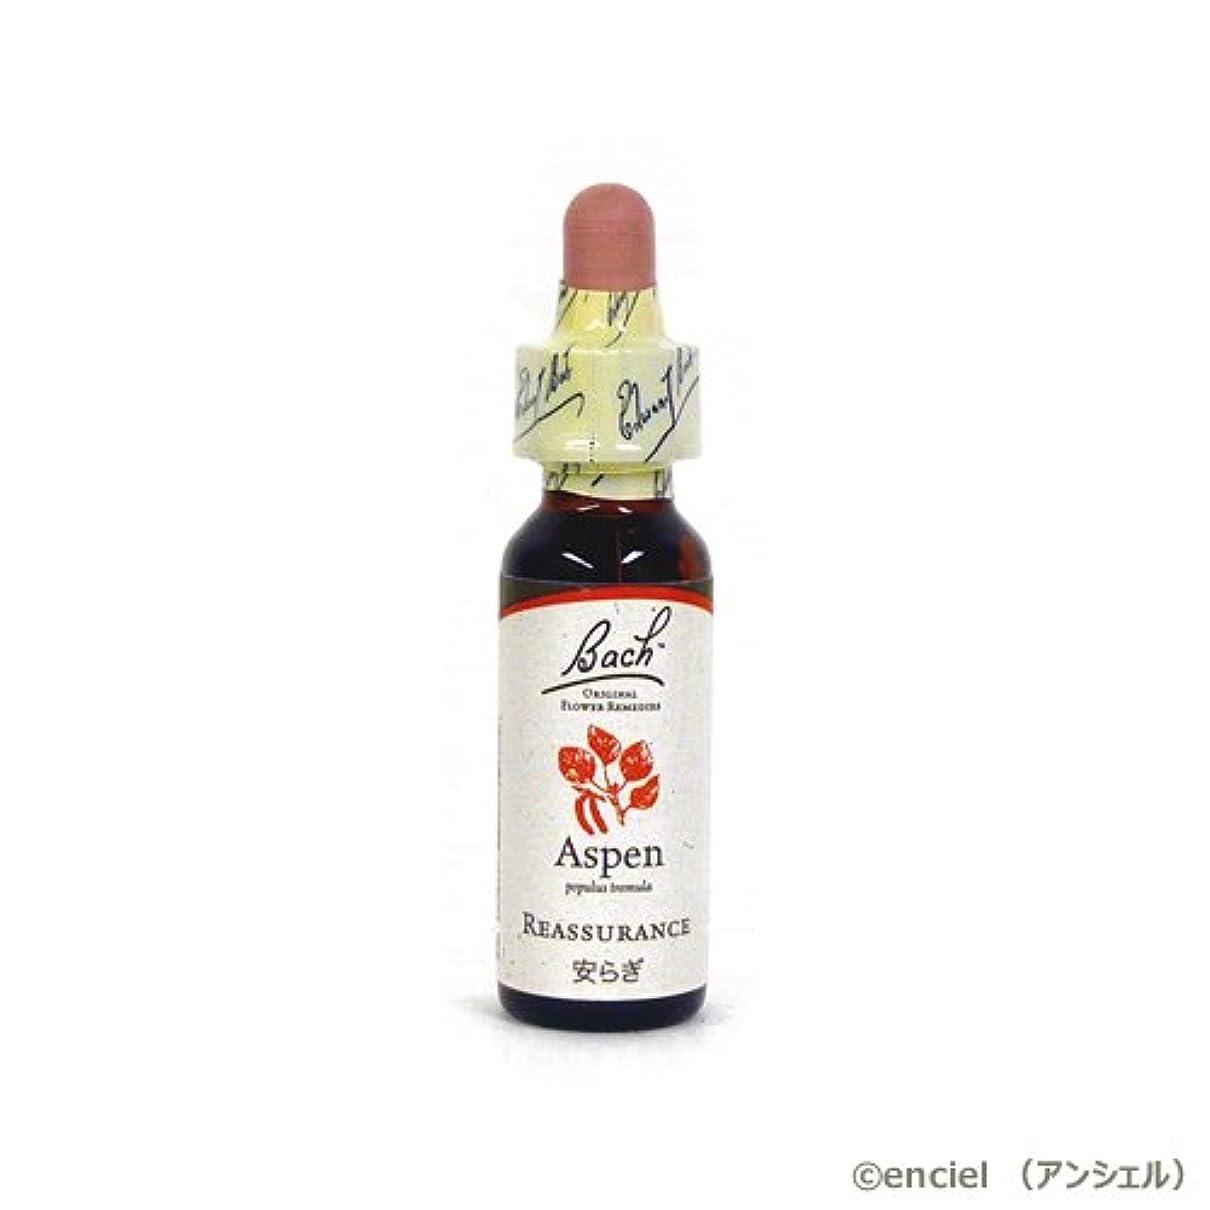 ボーカルお肉革新バッチフラワー レメディ アスペン 10ml グリセリンタイプ 日本国内正規品